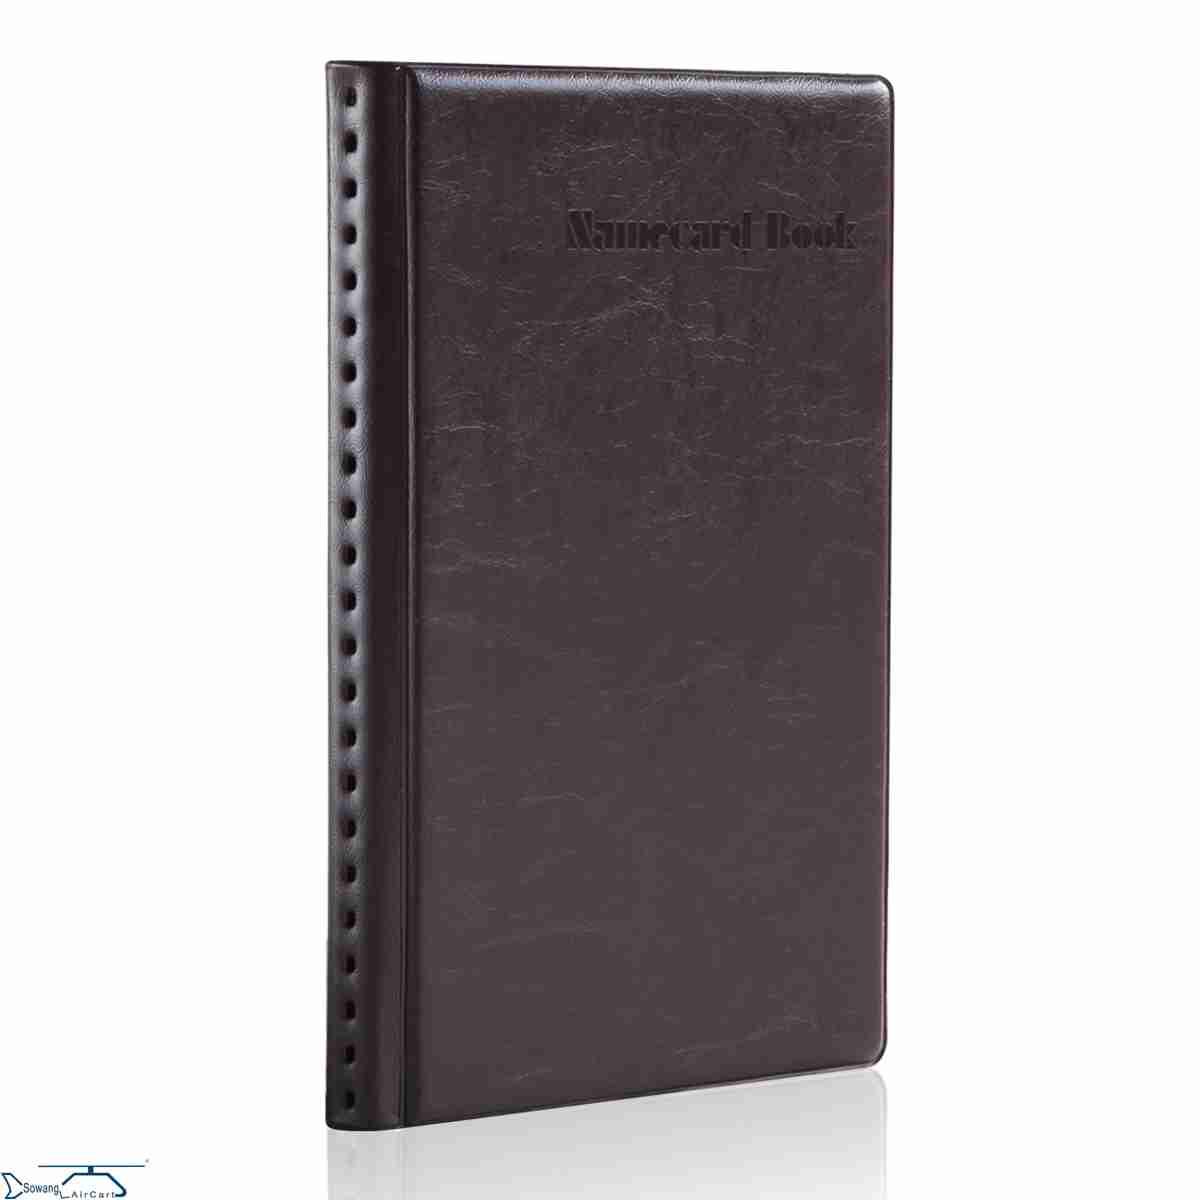 El valor del registro de tarjetas tarjetas de gran capacidad con el libro con el nombre libro favoritos esta red de Comercio